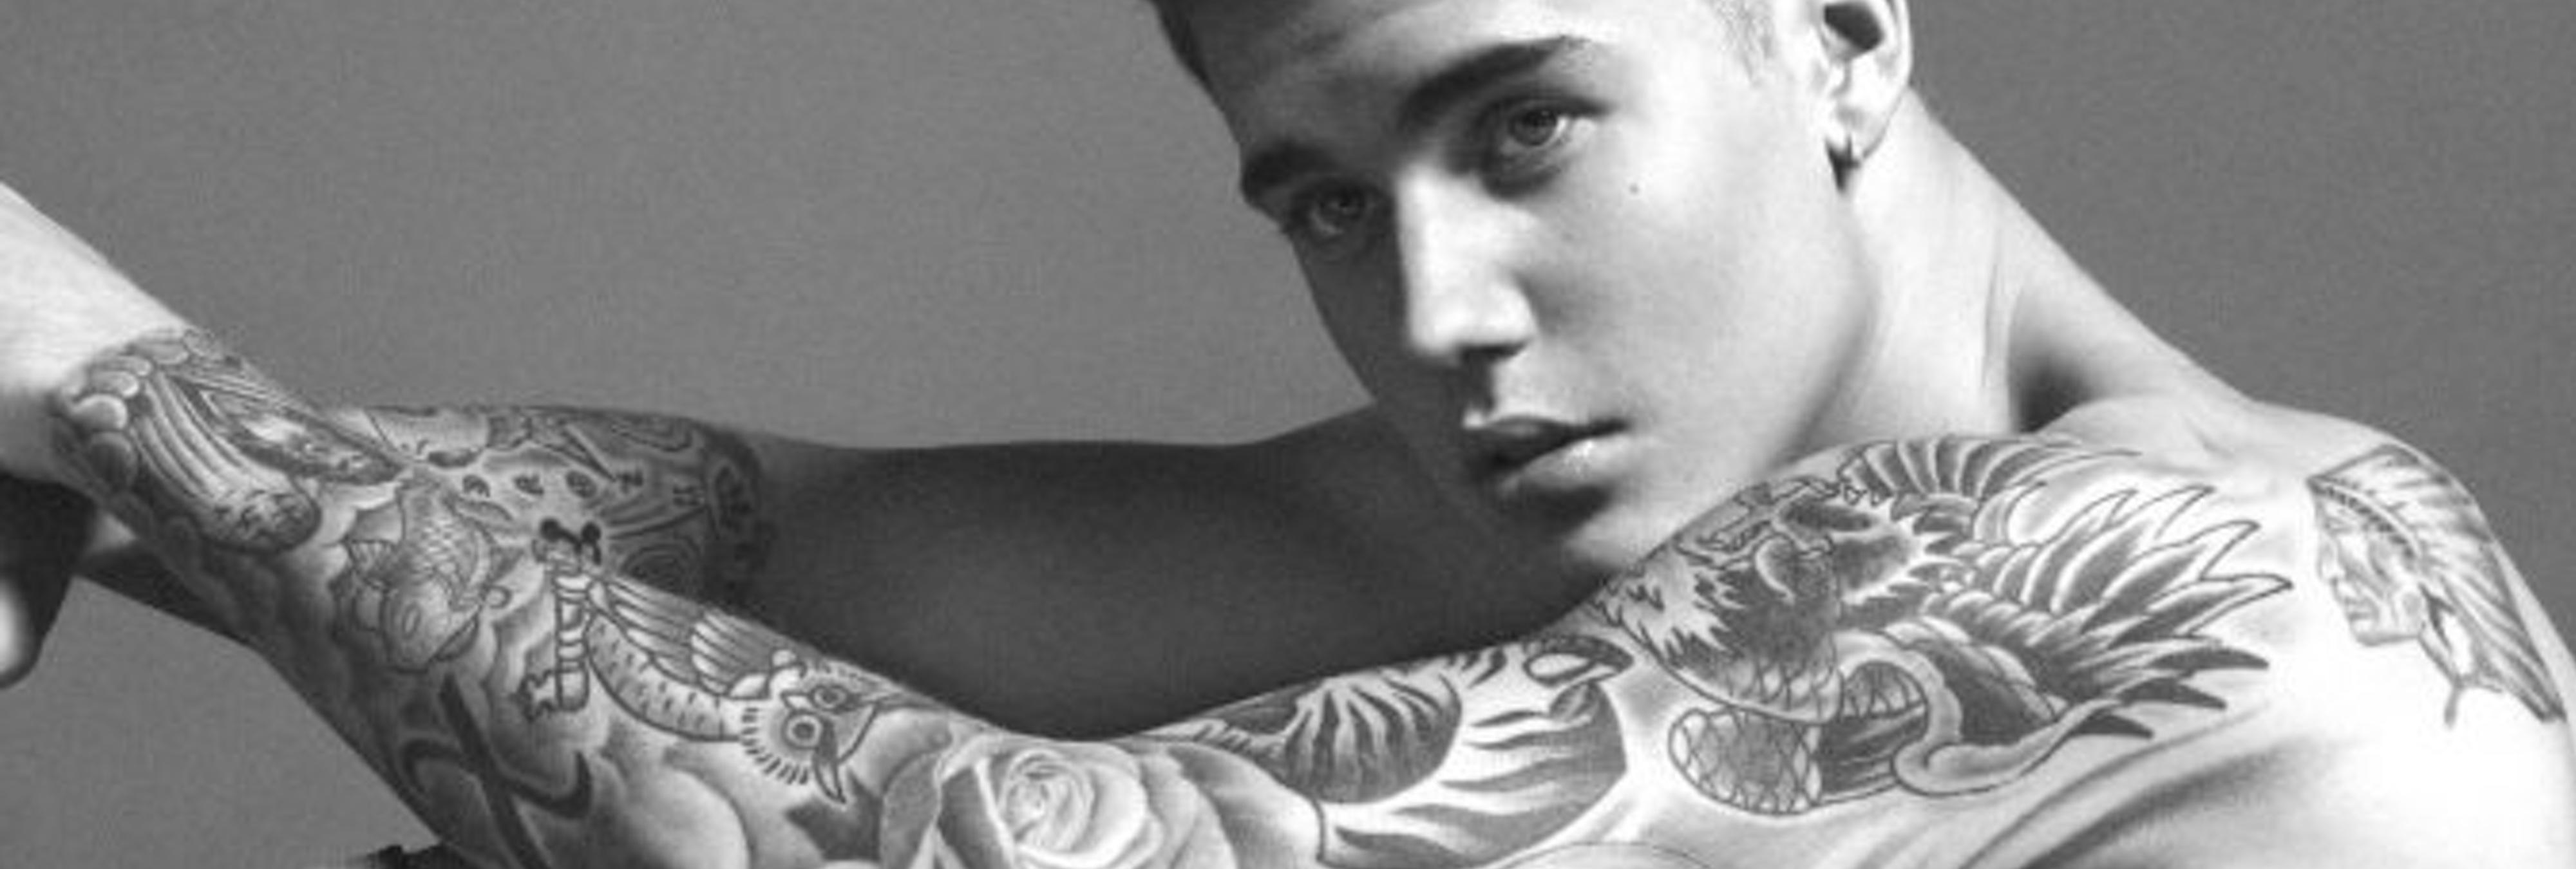 Los tatuajes provocan cáncer y dañan el sistema inmunitario, según un estudio científico